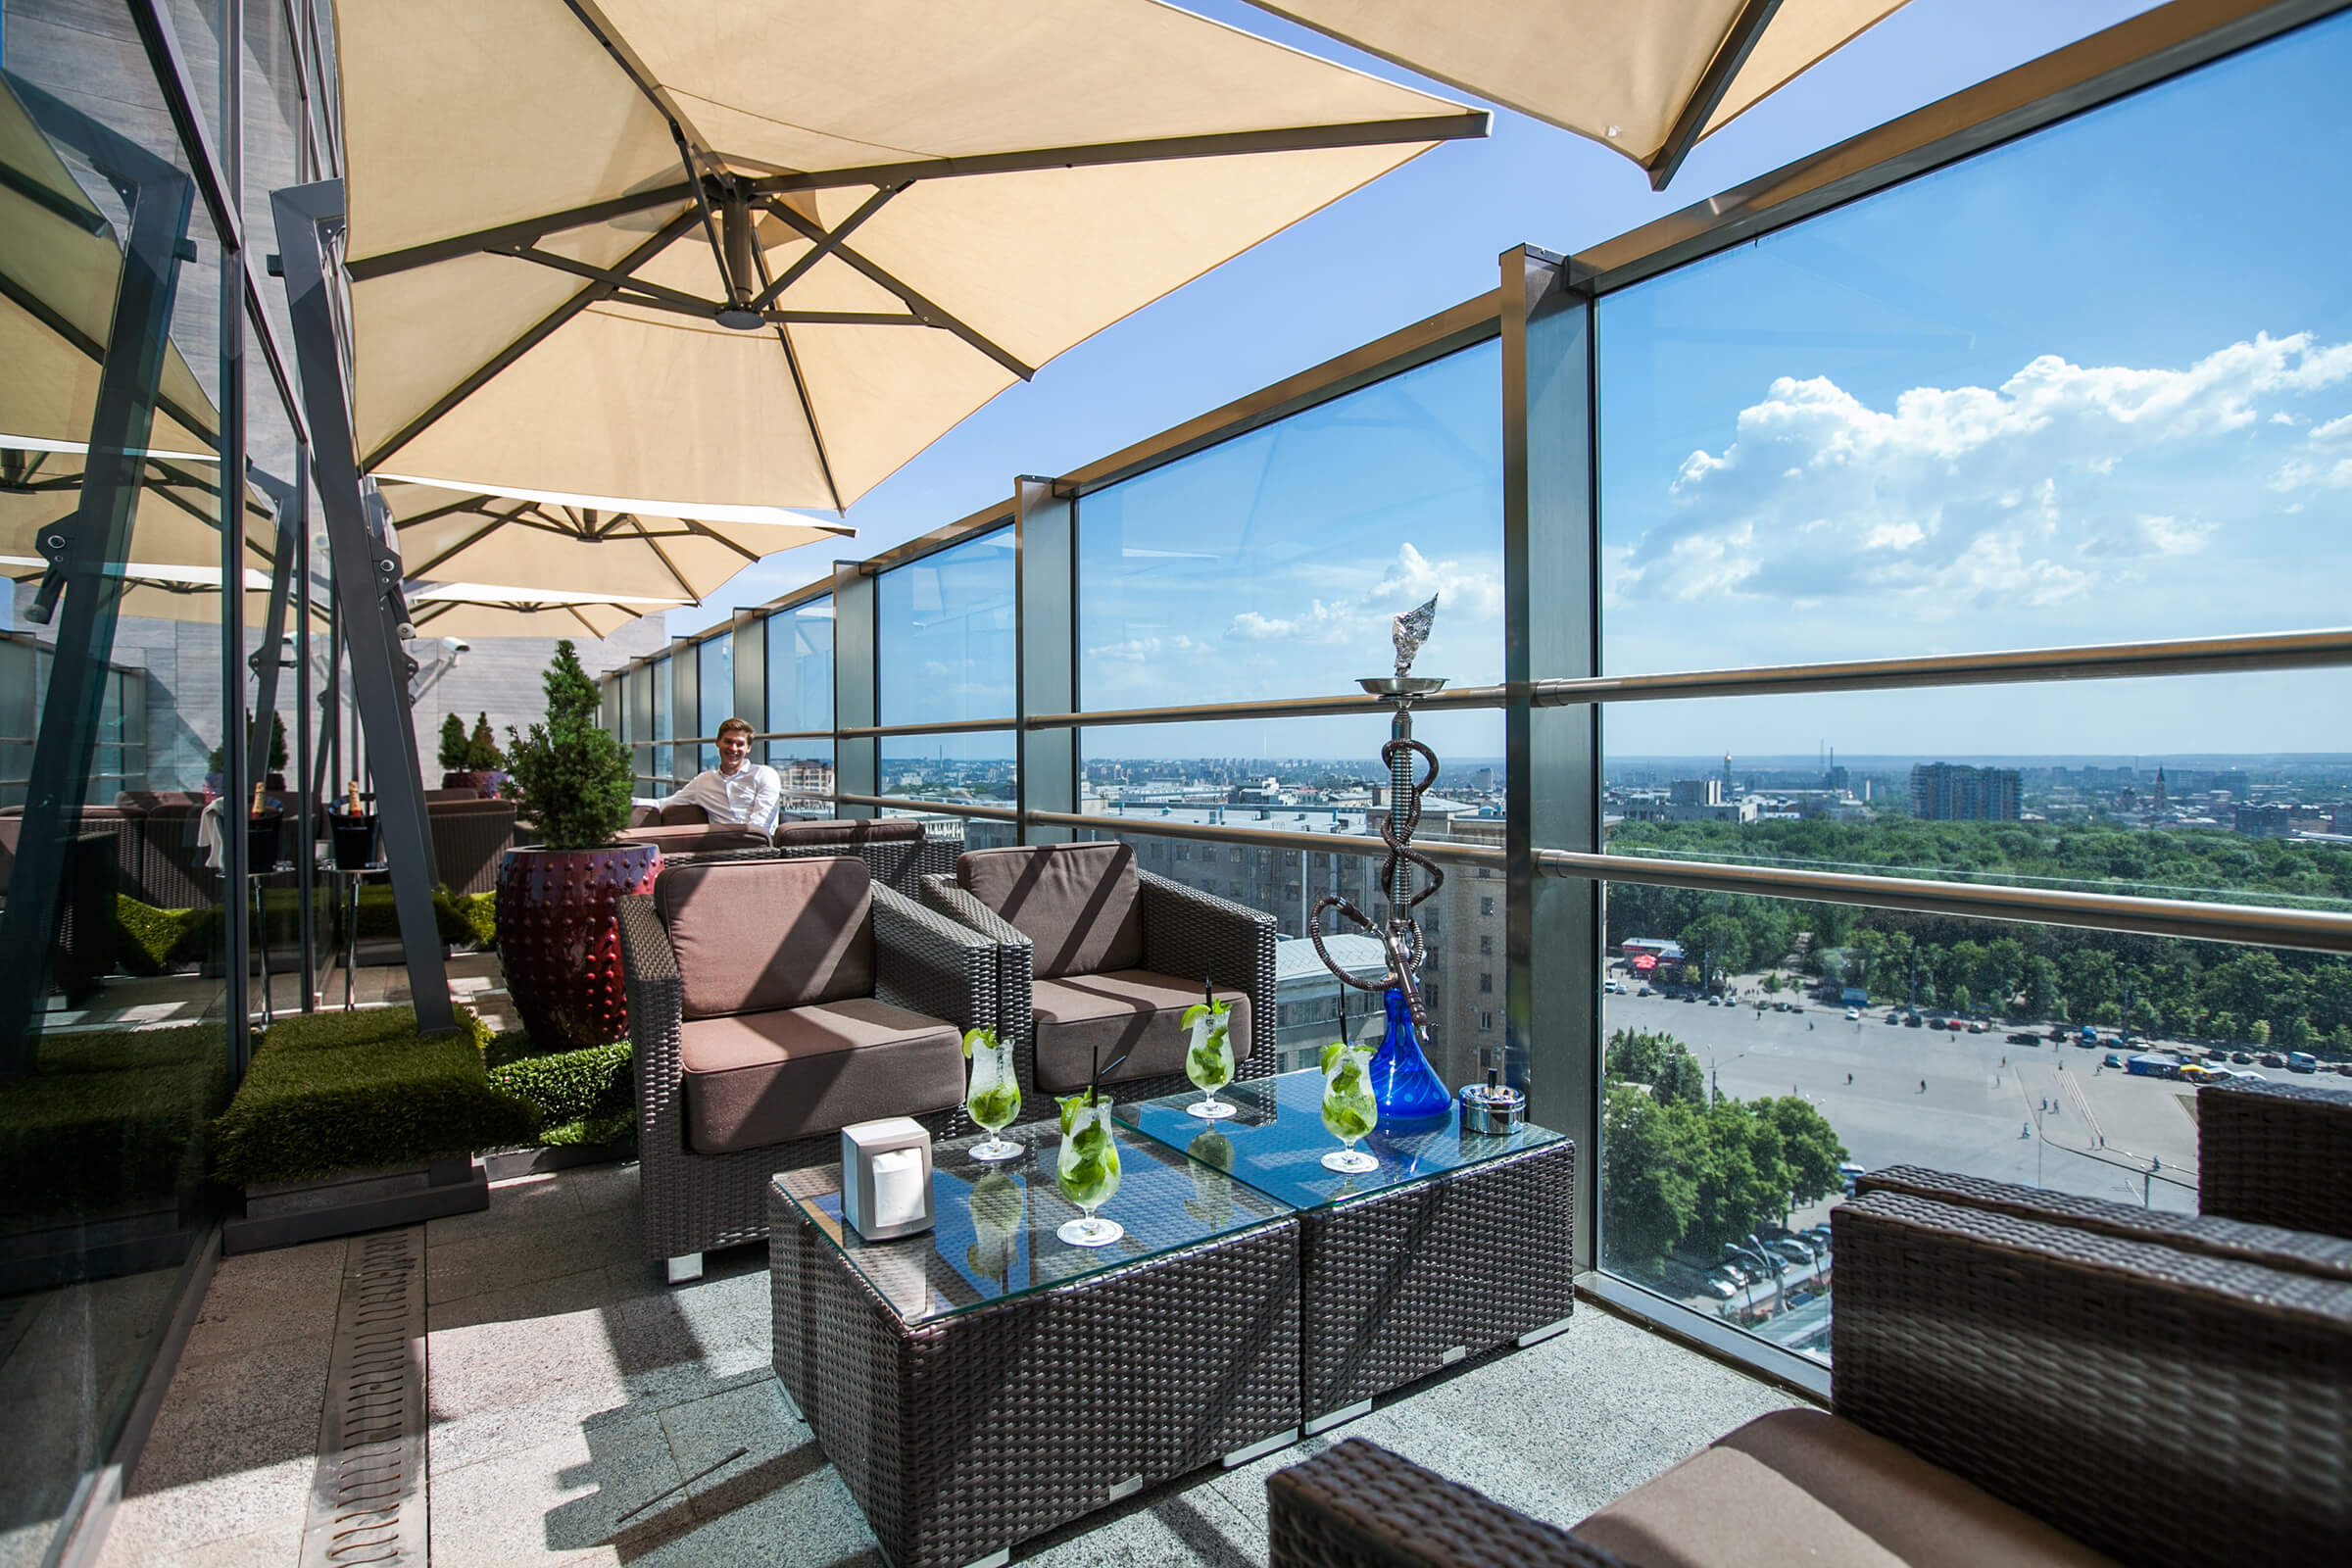 Sky Lounge - панорамный ресторан-бар в Харькове, отель Харьков Палас